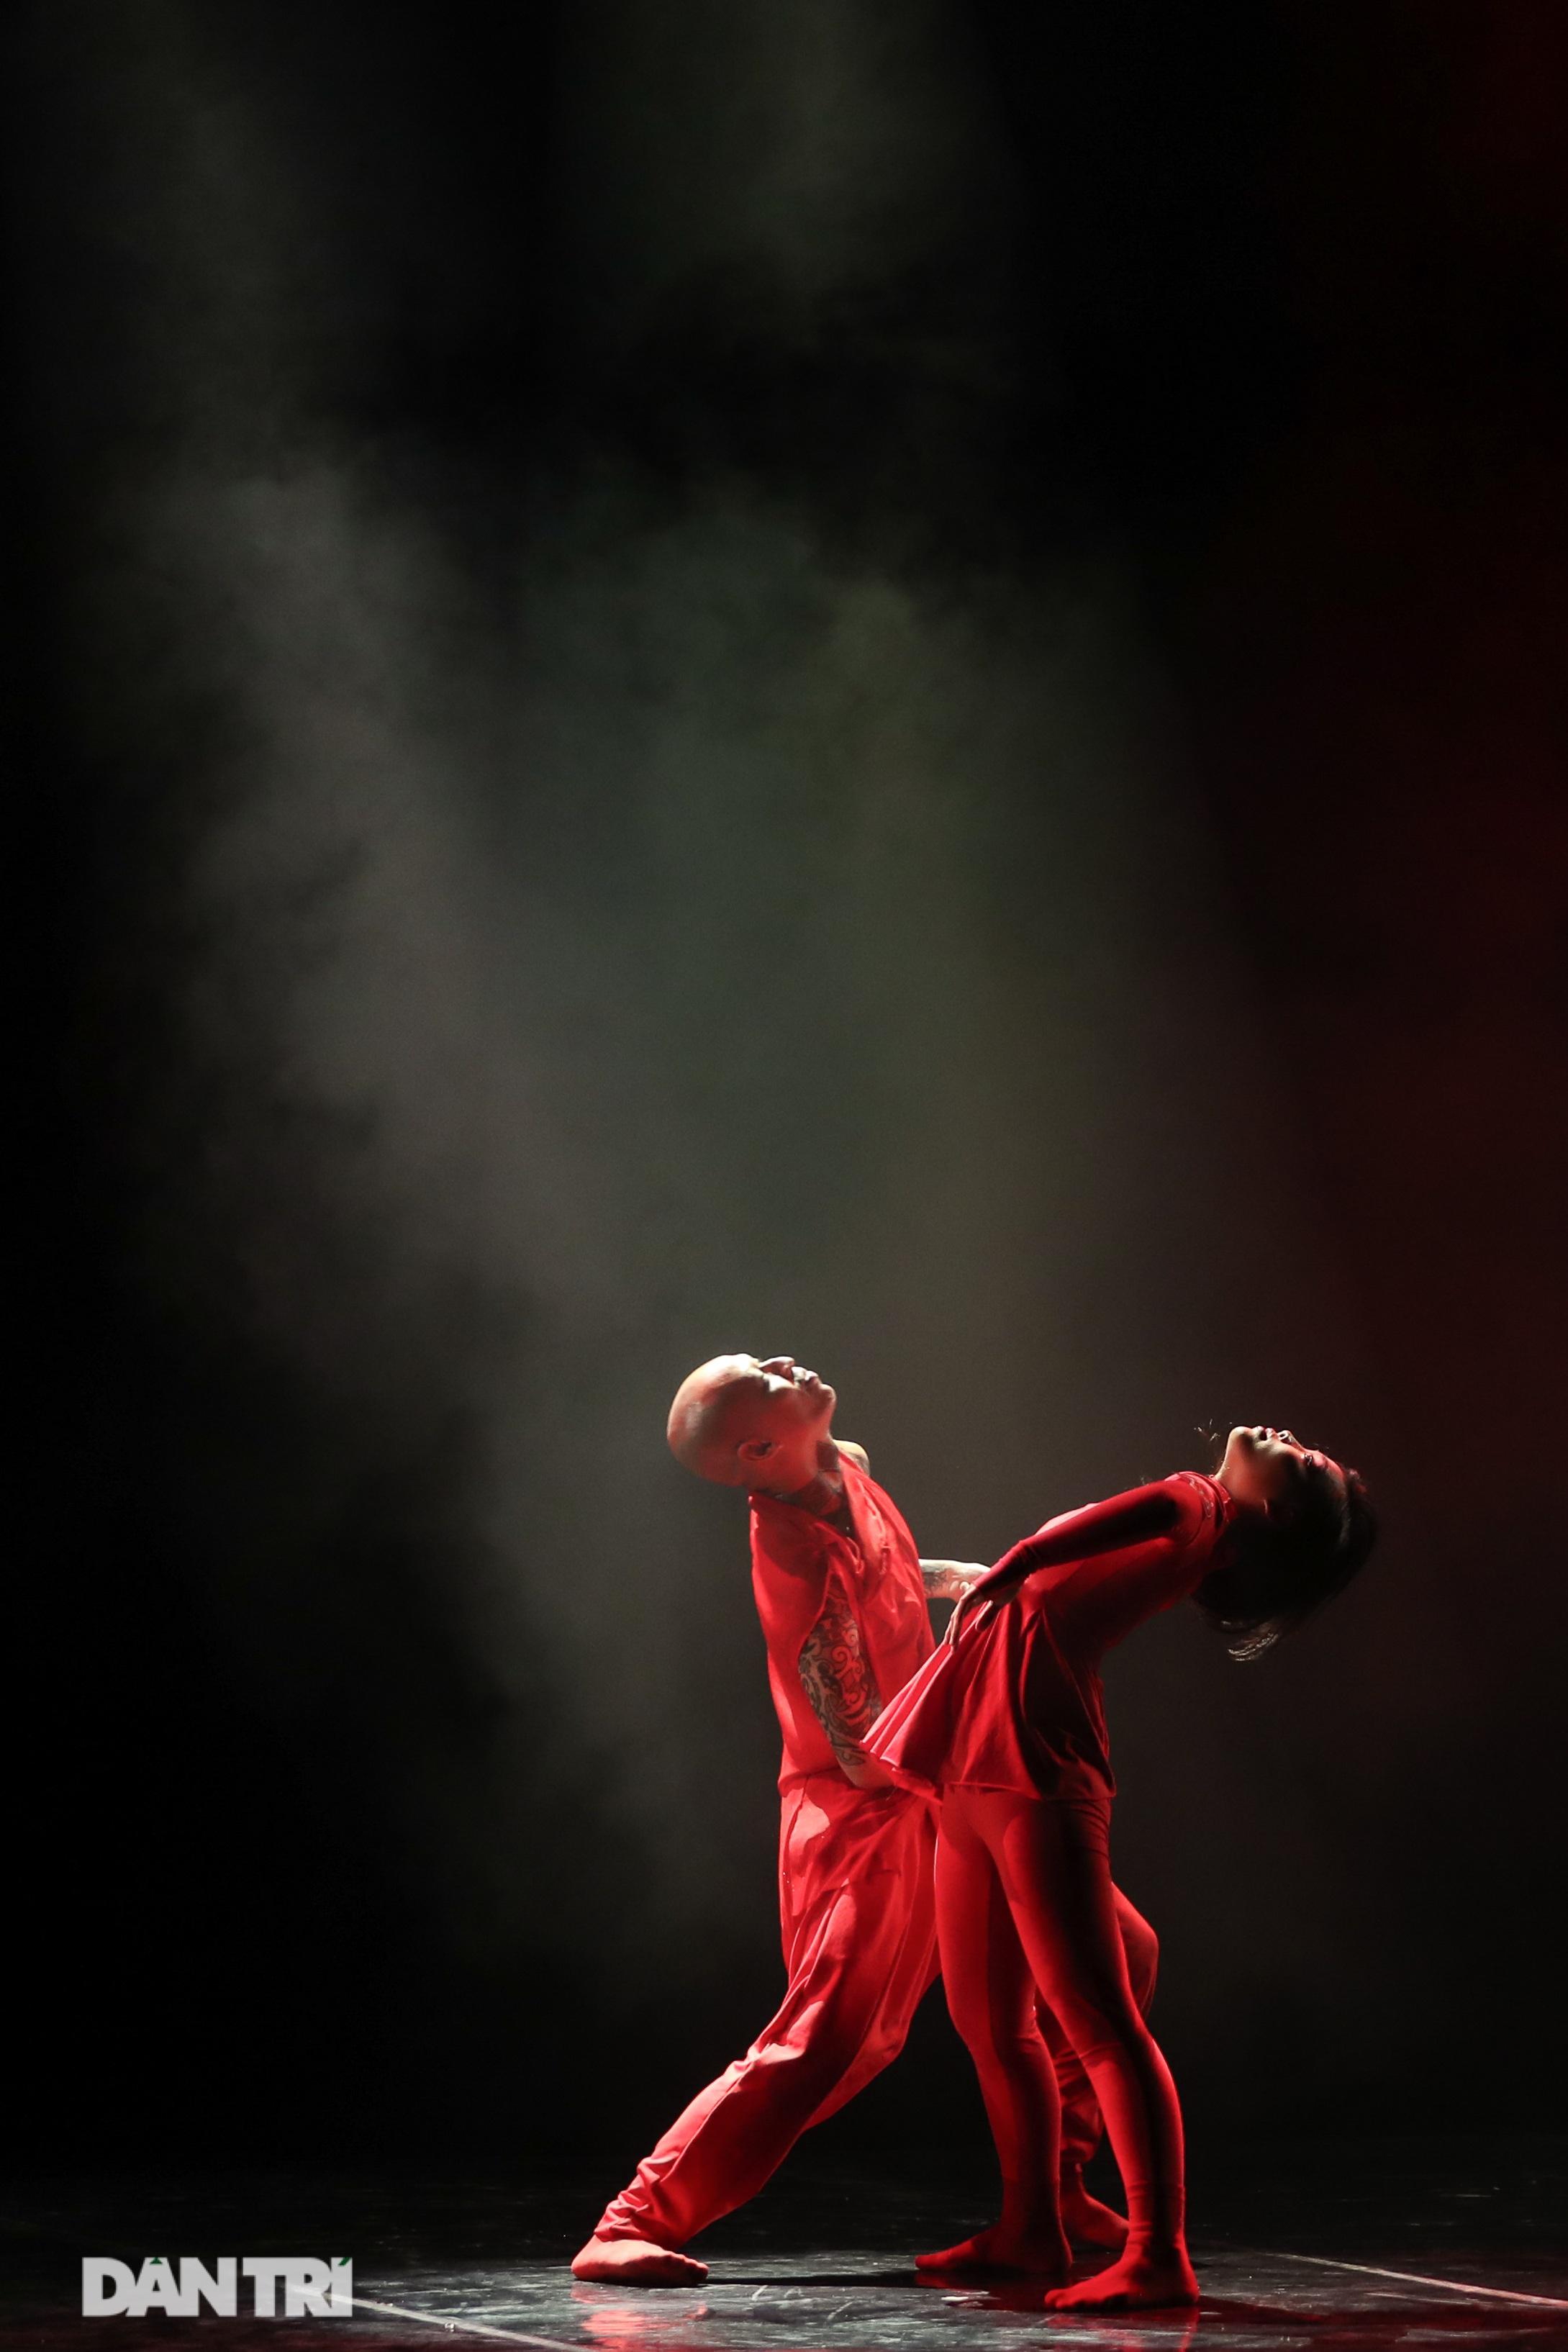 Khoảnh khắc mê hồn tại cuộc thi Tài năng biểu diễn múa - 29